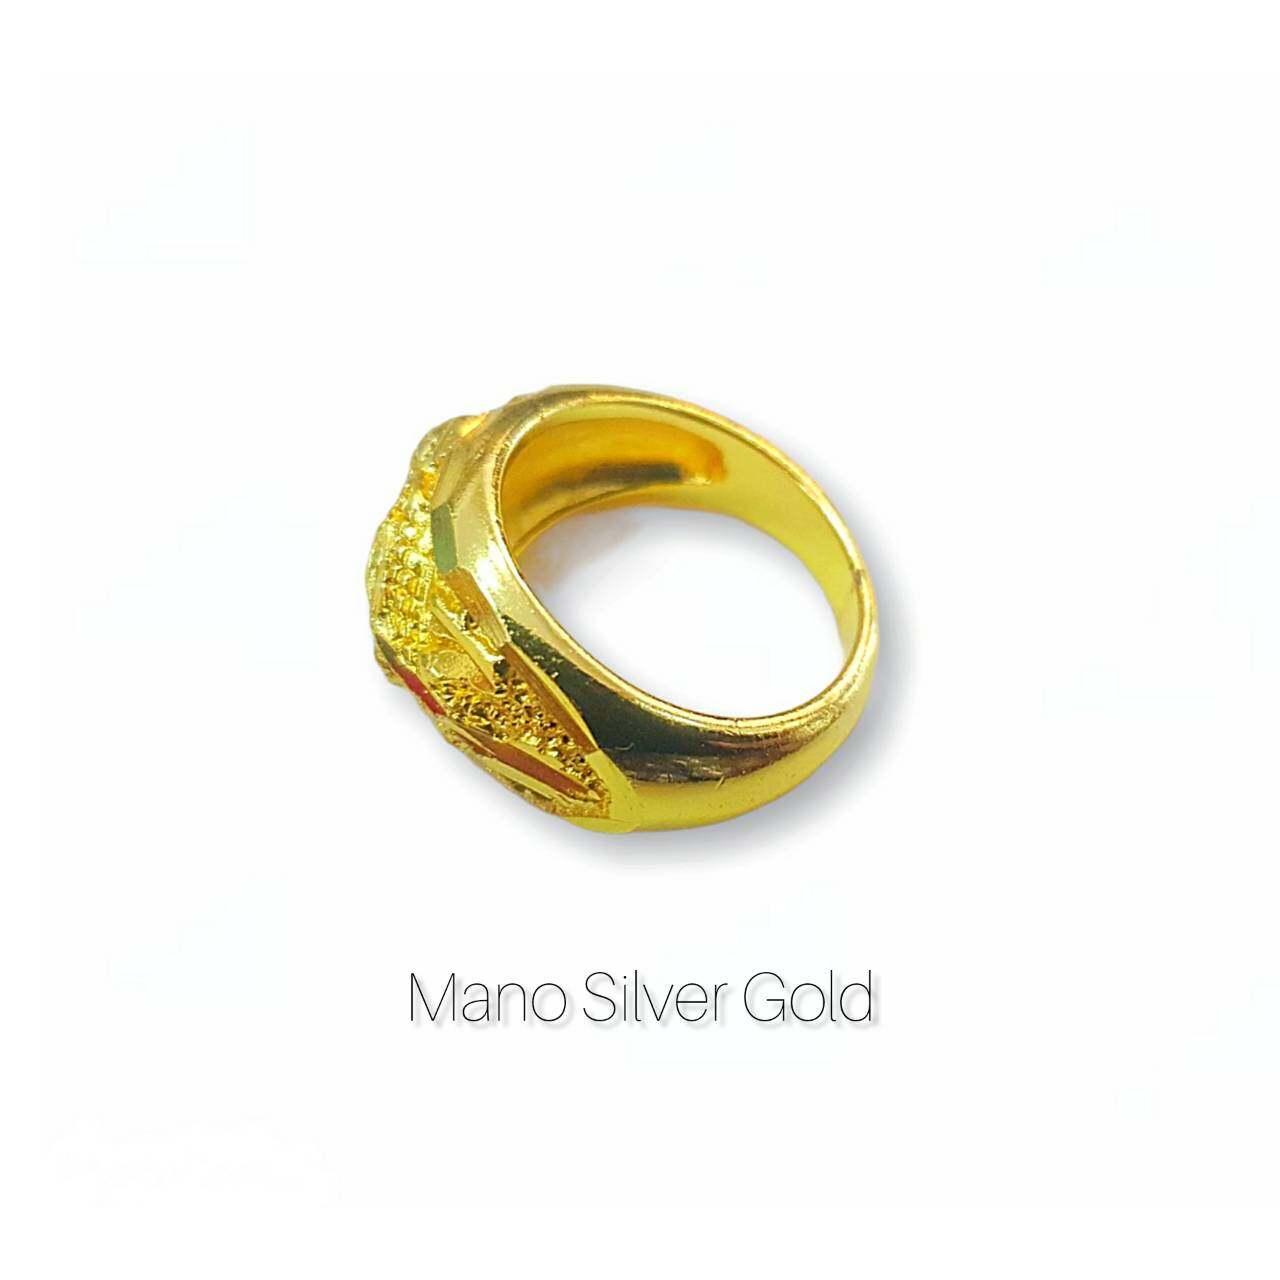 รีวิว แหวนทองเคลือบ 048 แหวนทองเคลือบแก้ว ทองสวย แหวนทอง แหวนทองชุบ แหวนทองสวย แหวนหนัก 1 สลึง